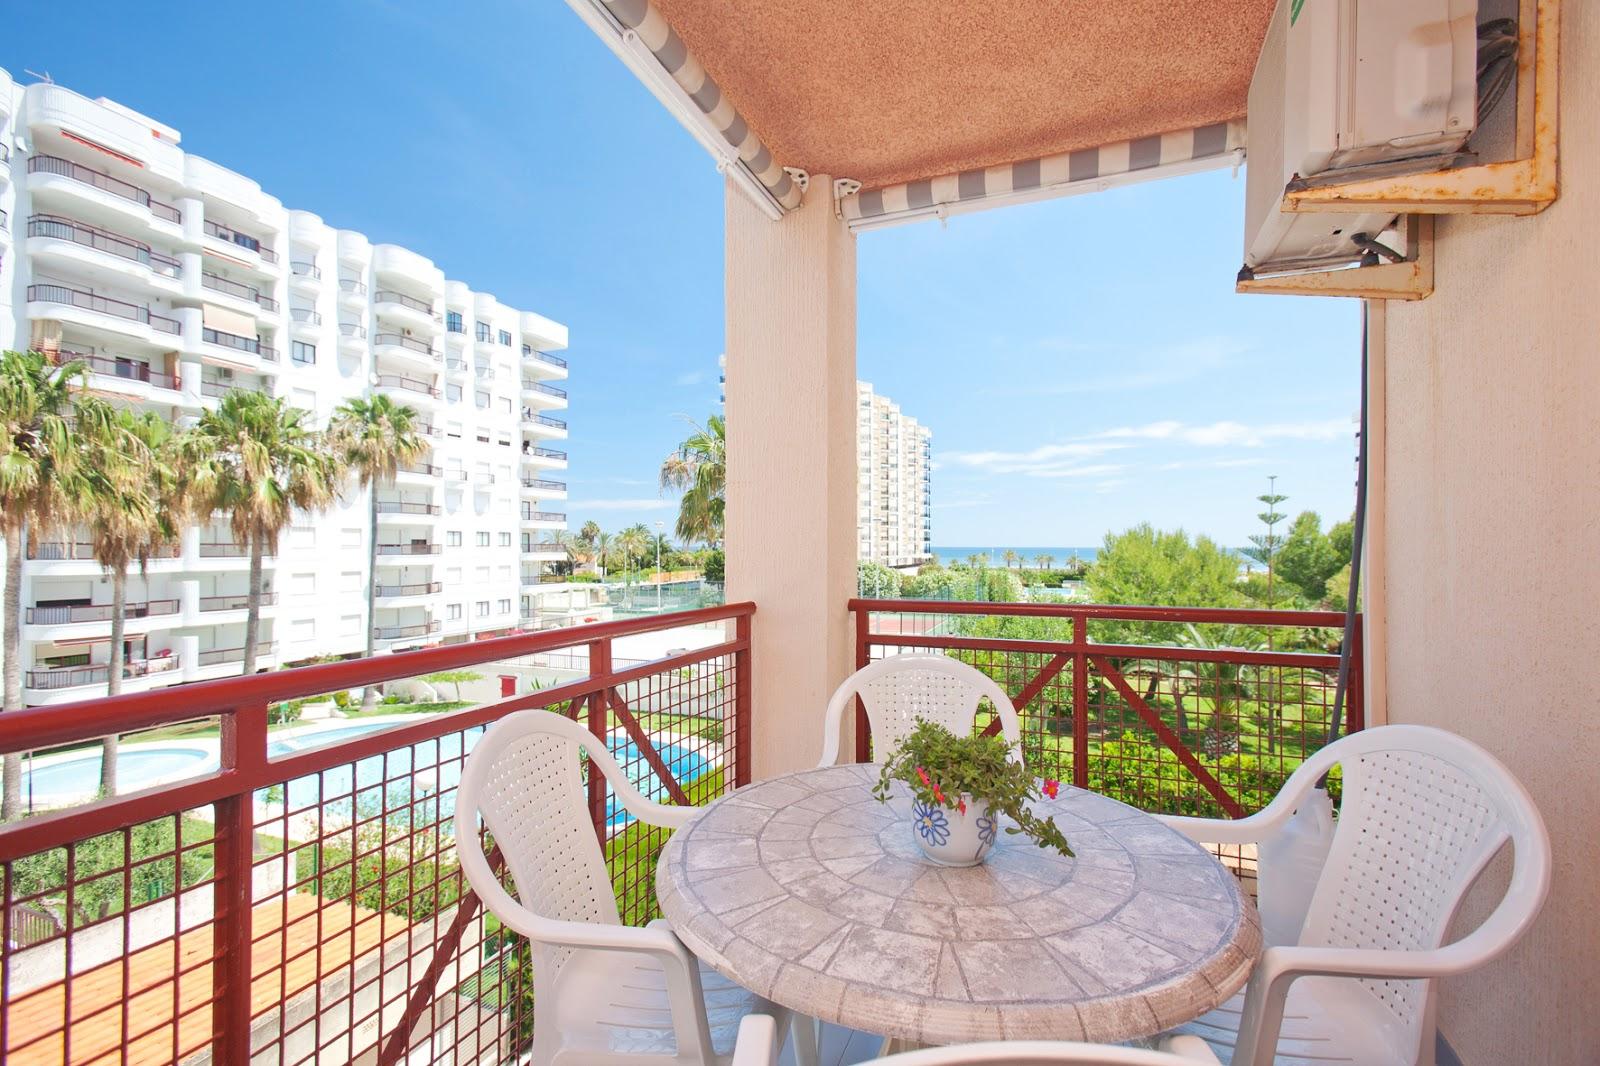 Apartamento en la playa de gand a apartamento mikonos en playa de gandia - Apartamentos en gandia playa ...